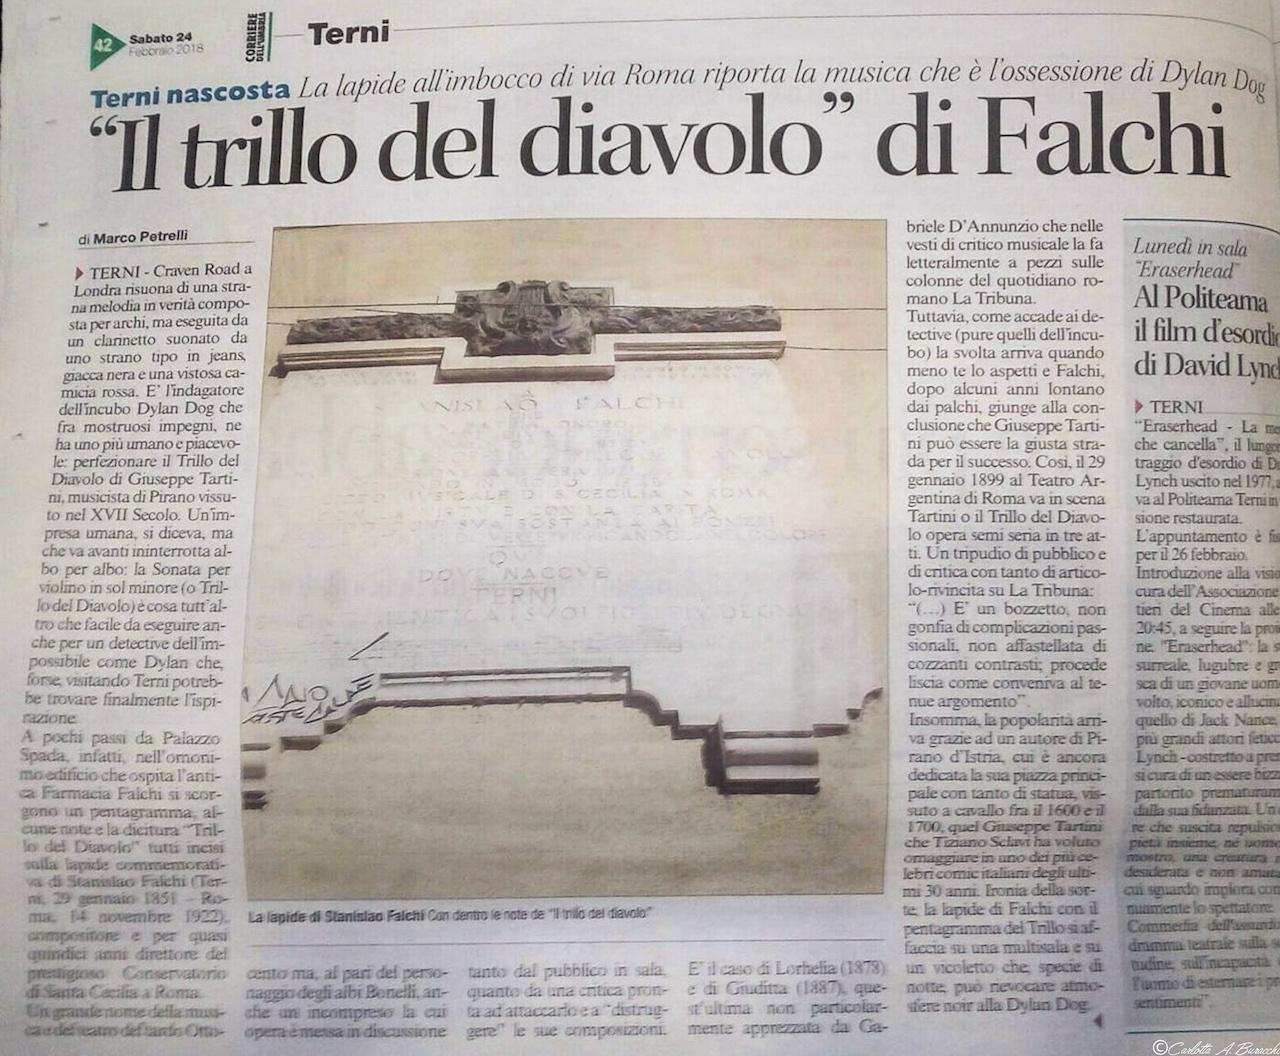 """La storia de """"Il trillo del diavolo"""" di Falchi raccontata dal giornalista ternano Marco Petrelli sulle colonne del Corriere dell'Umbria"""